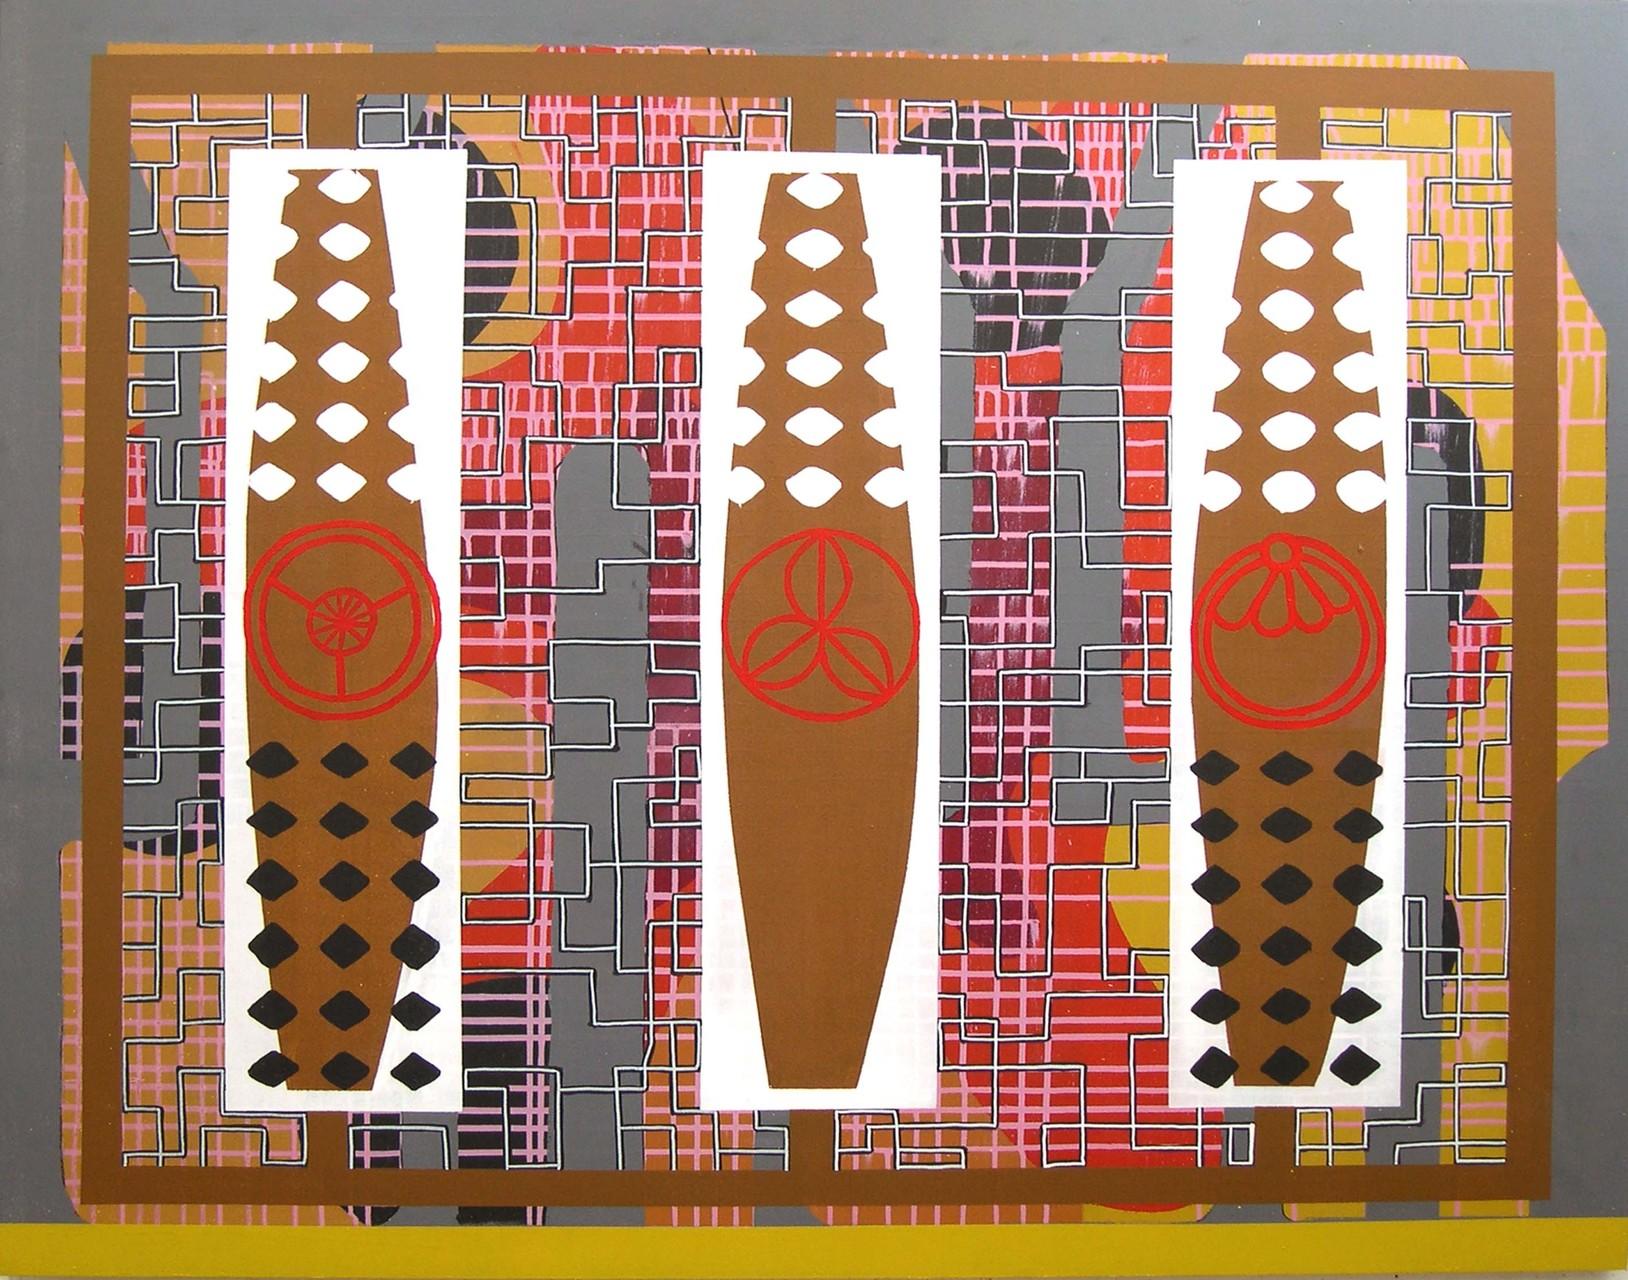 TRES SOBRE ENLACES. Acrílico sobre madera. 114x146. 2004